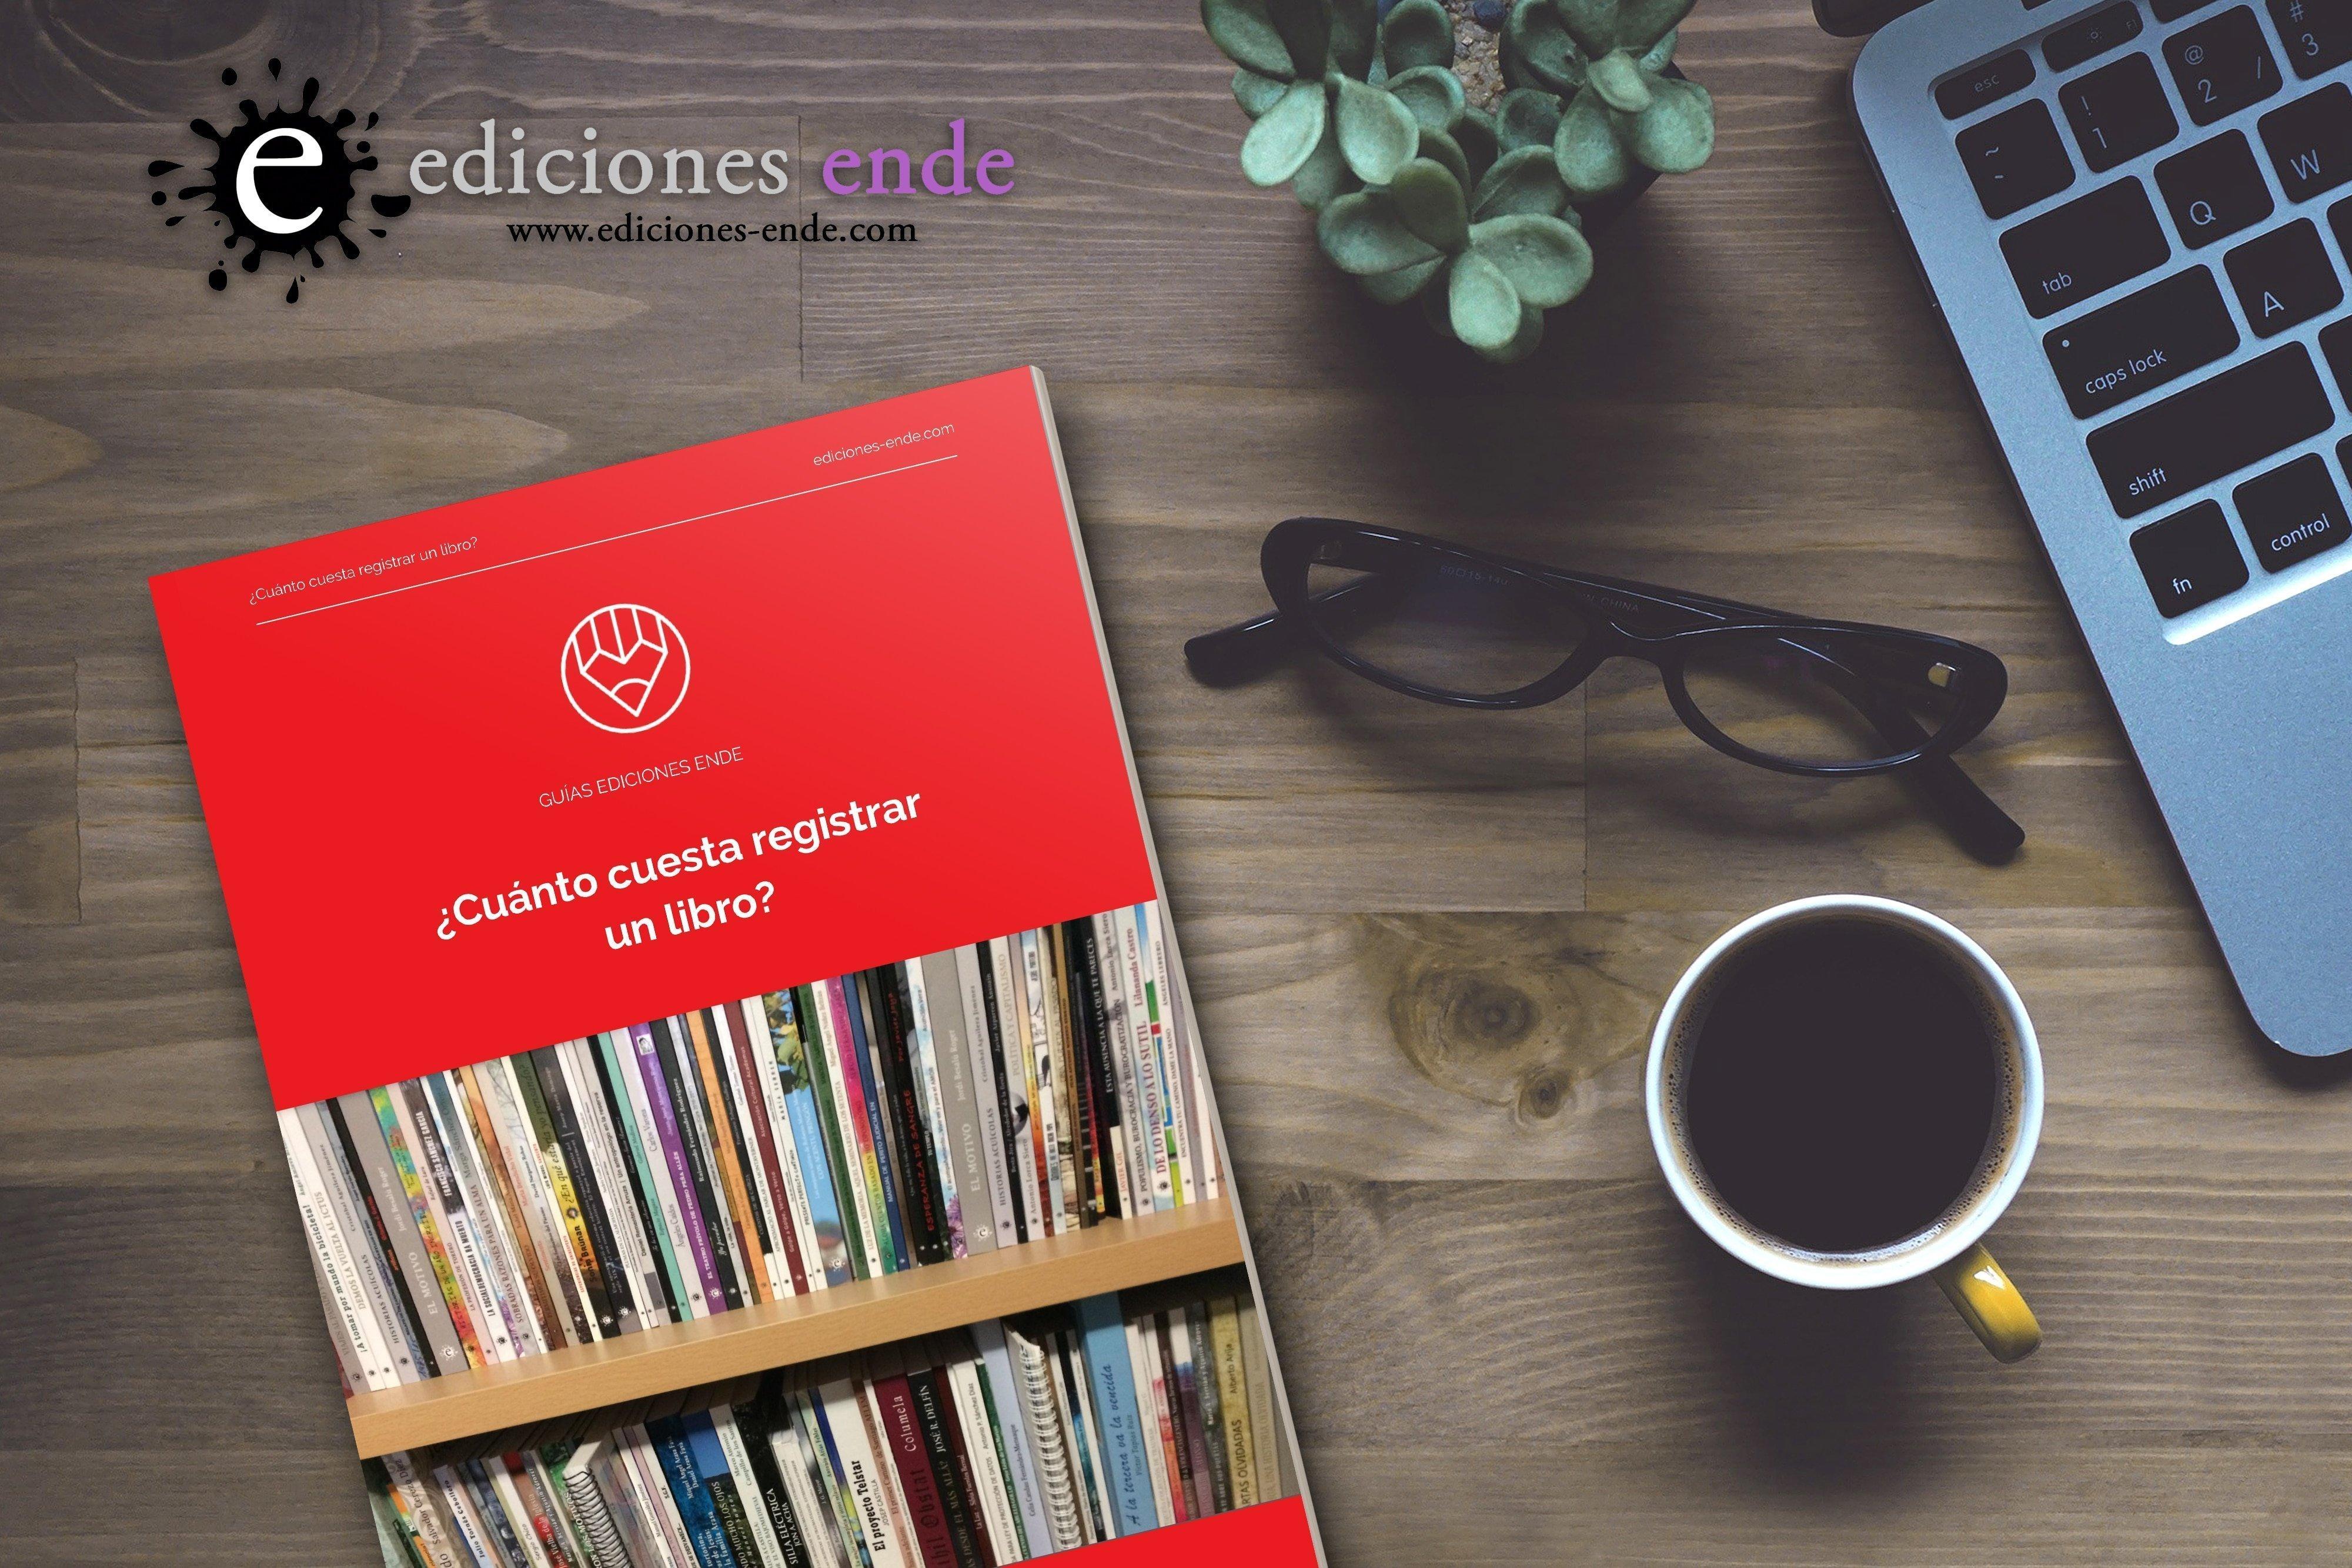 guia cuanto cuesta registrar tu libro imagen